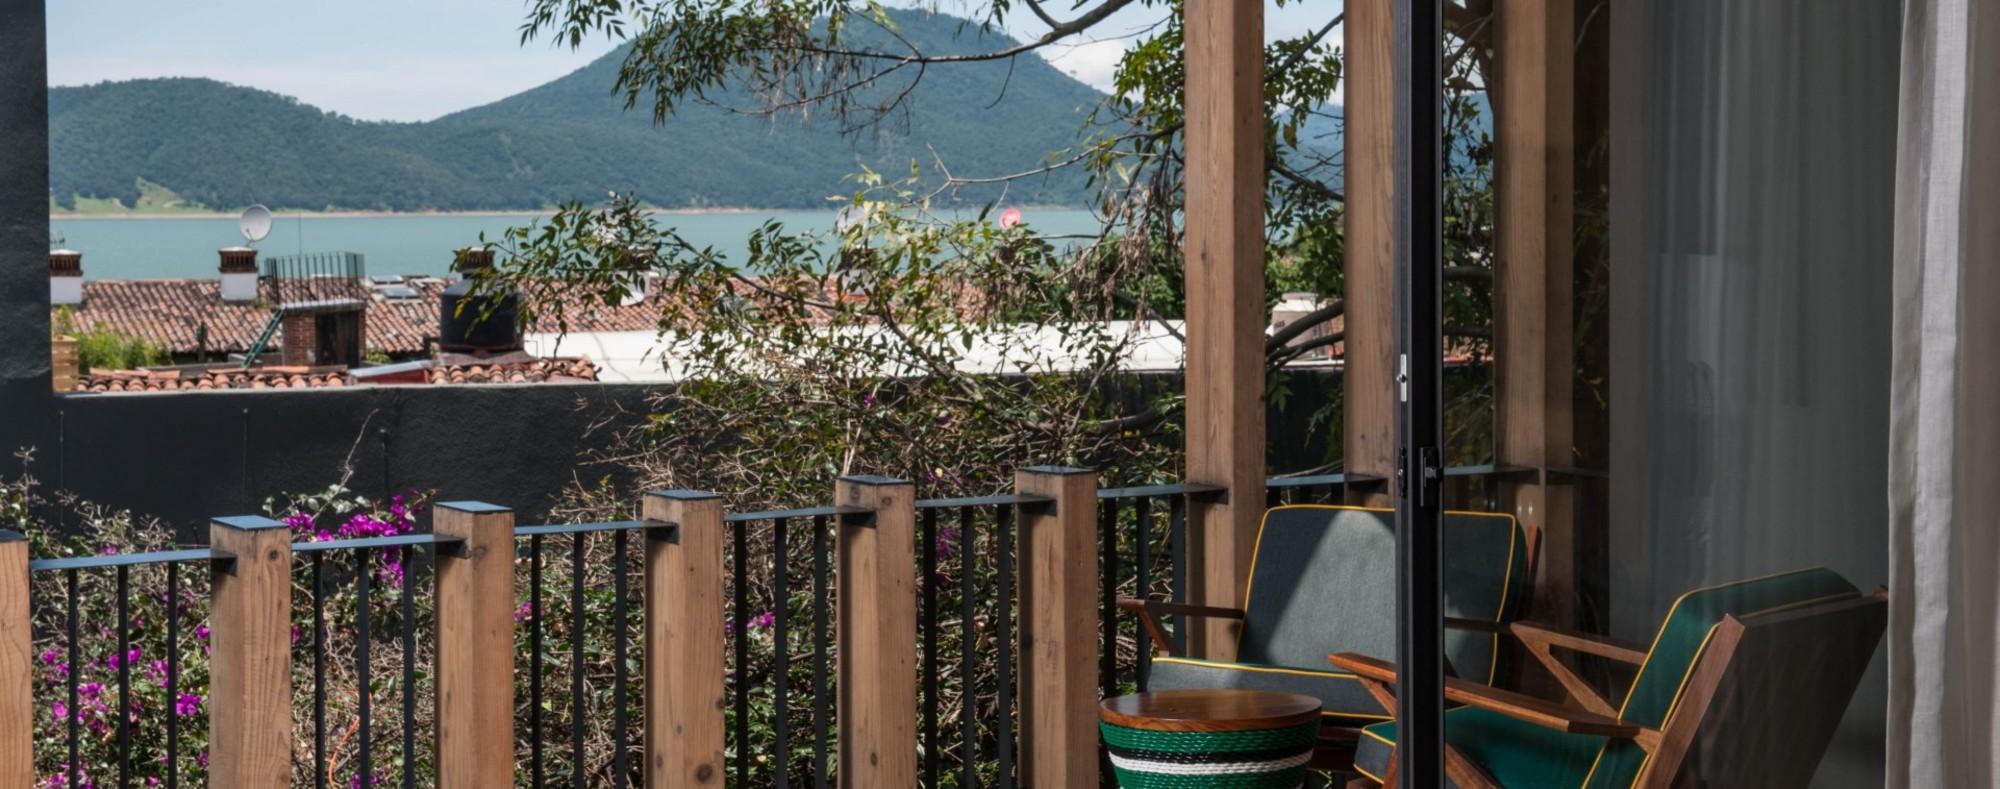 La Master Suite en la Suite con vista al lago de Valle de Bravo